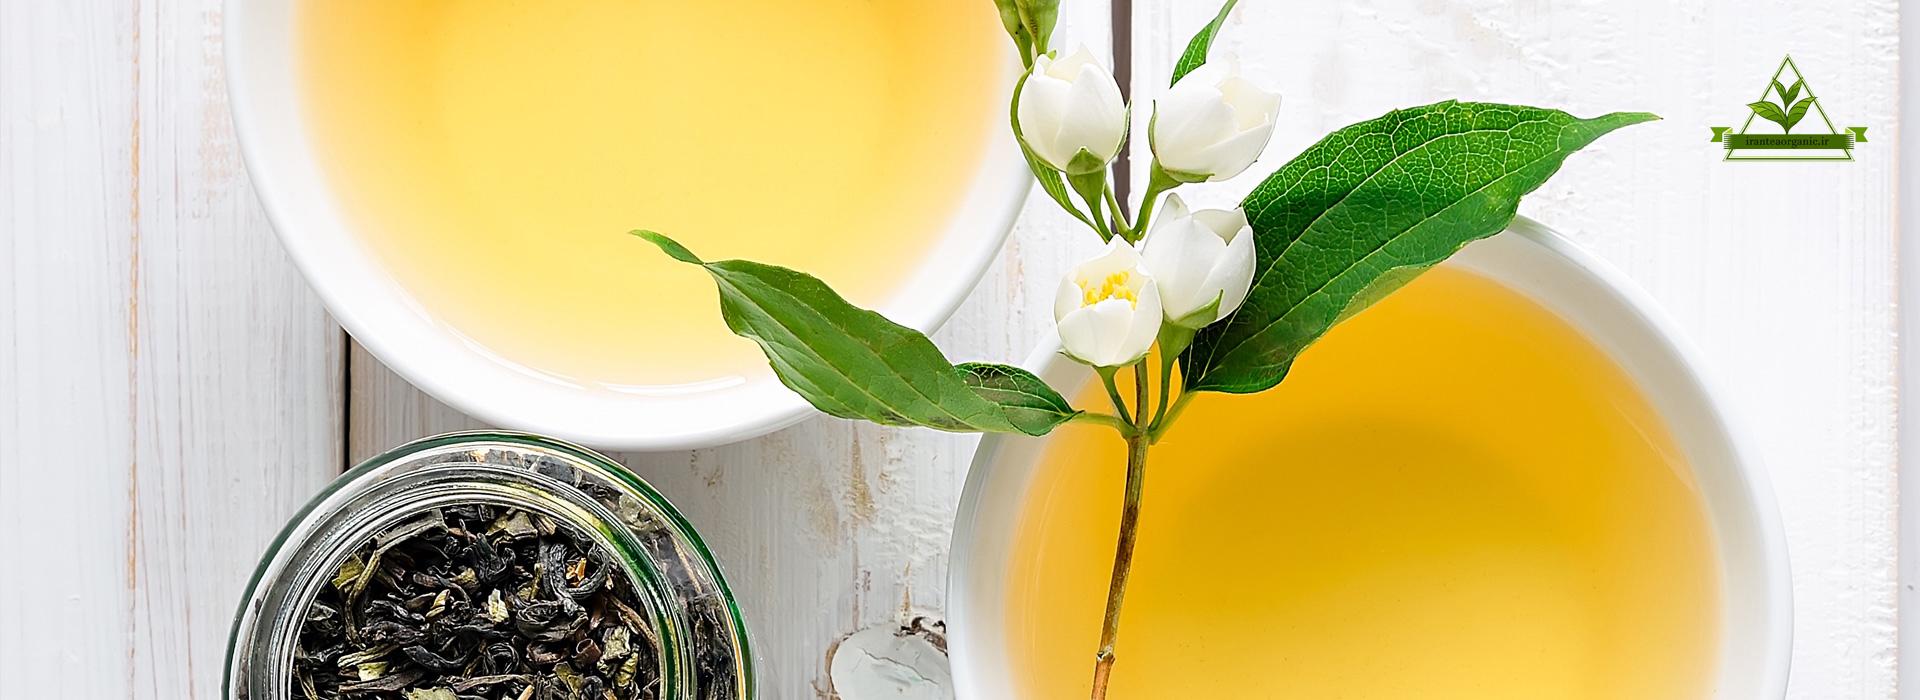 خرید انواع چای ایرانی